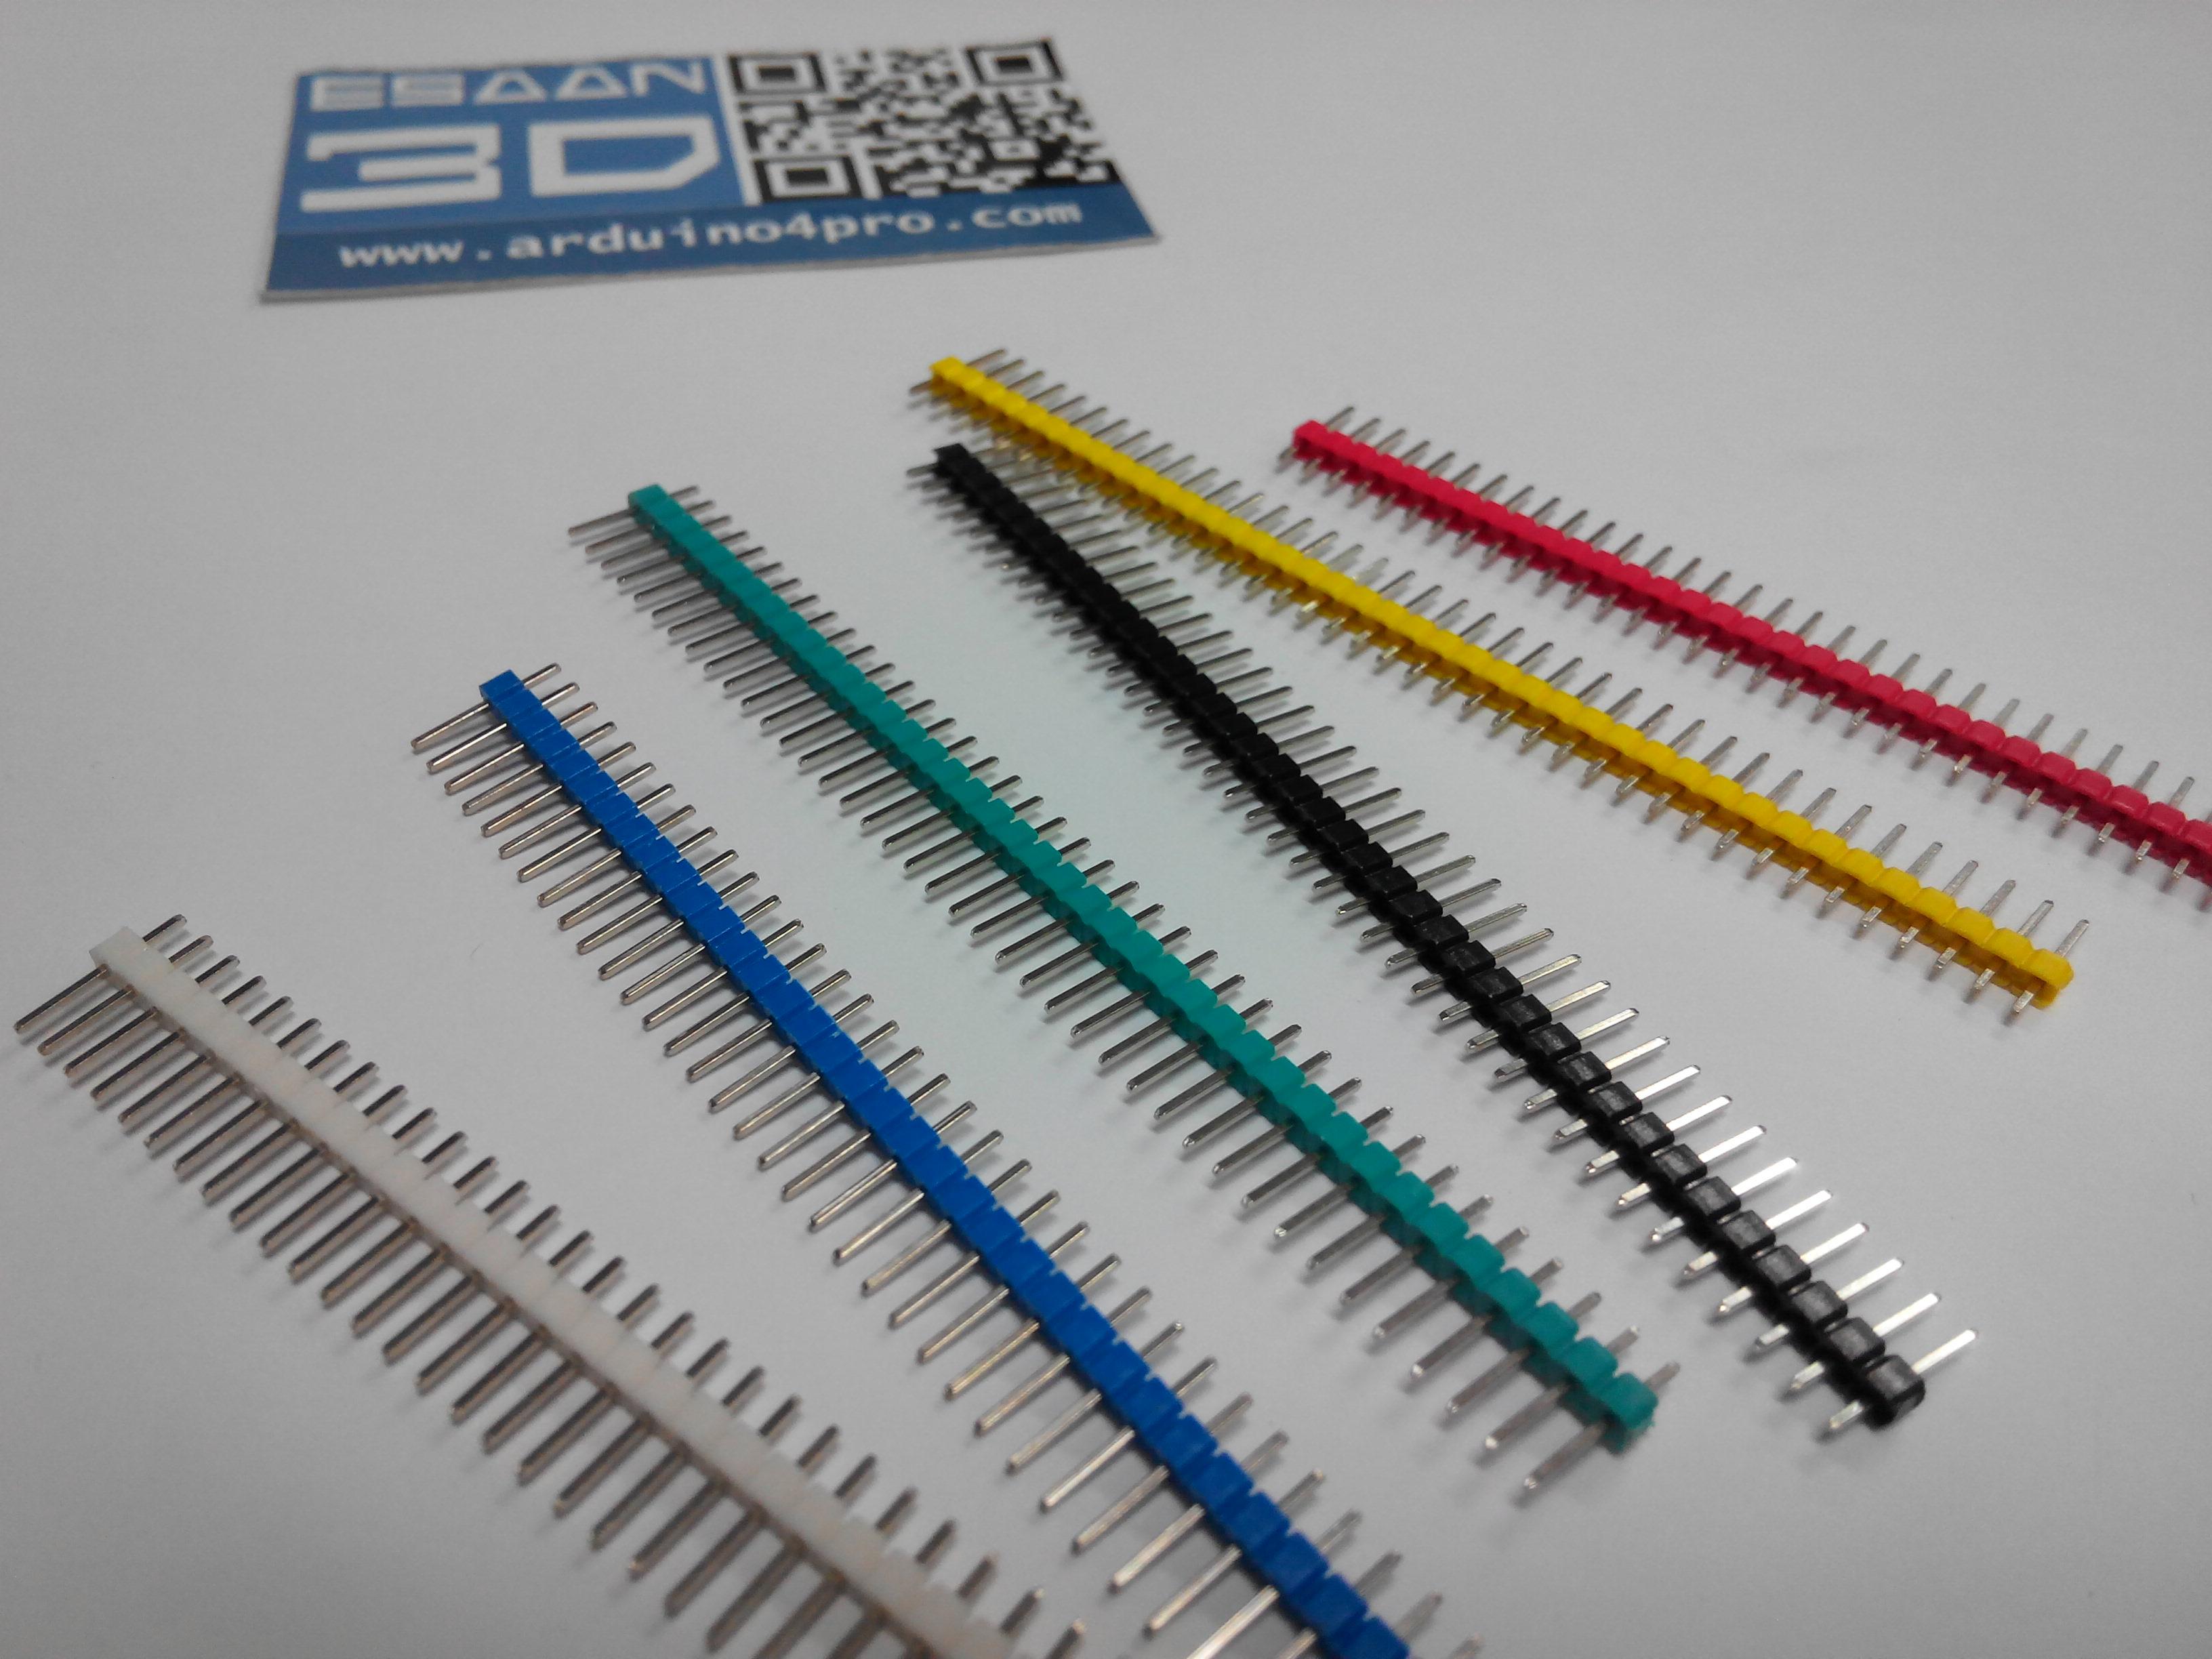 DIP 1x40P ตัวผู้หลายสี (ระยะห่างขา 2.54mm)